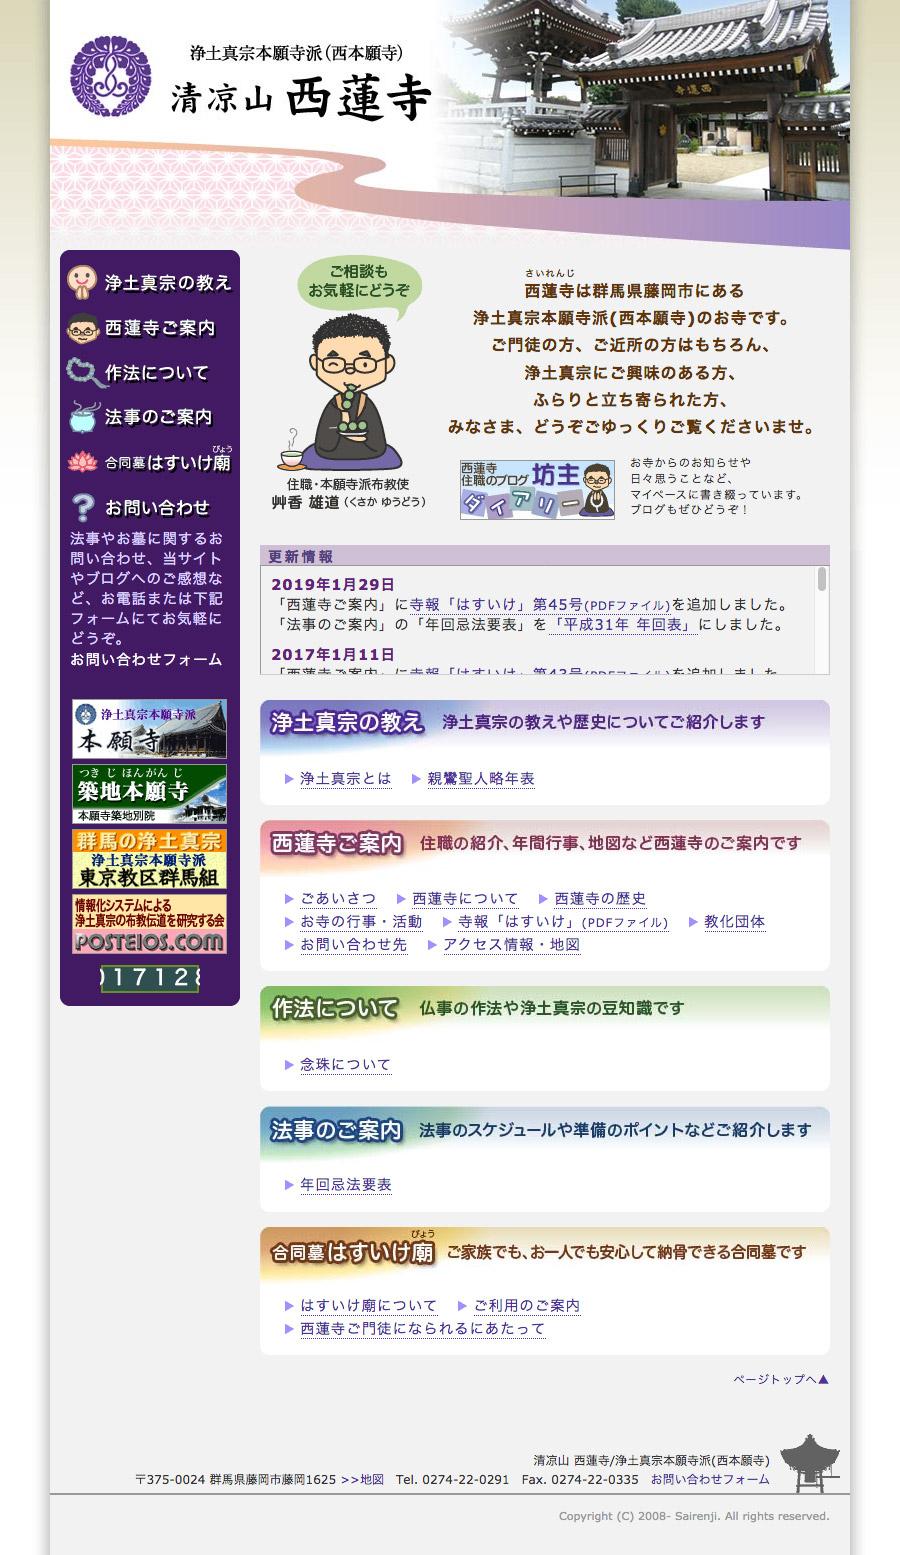 西蓮寺様web1